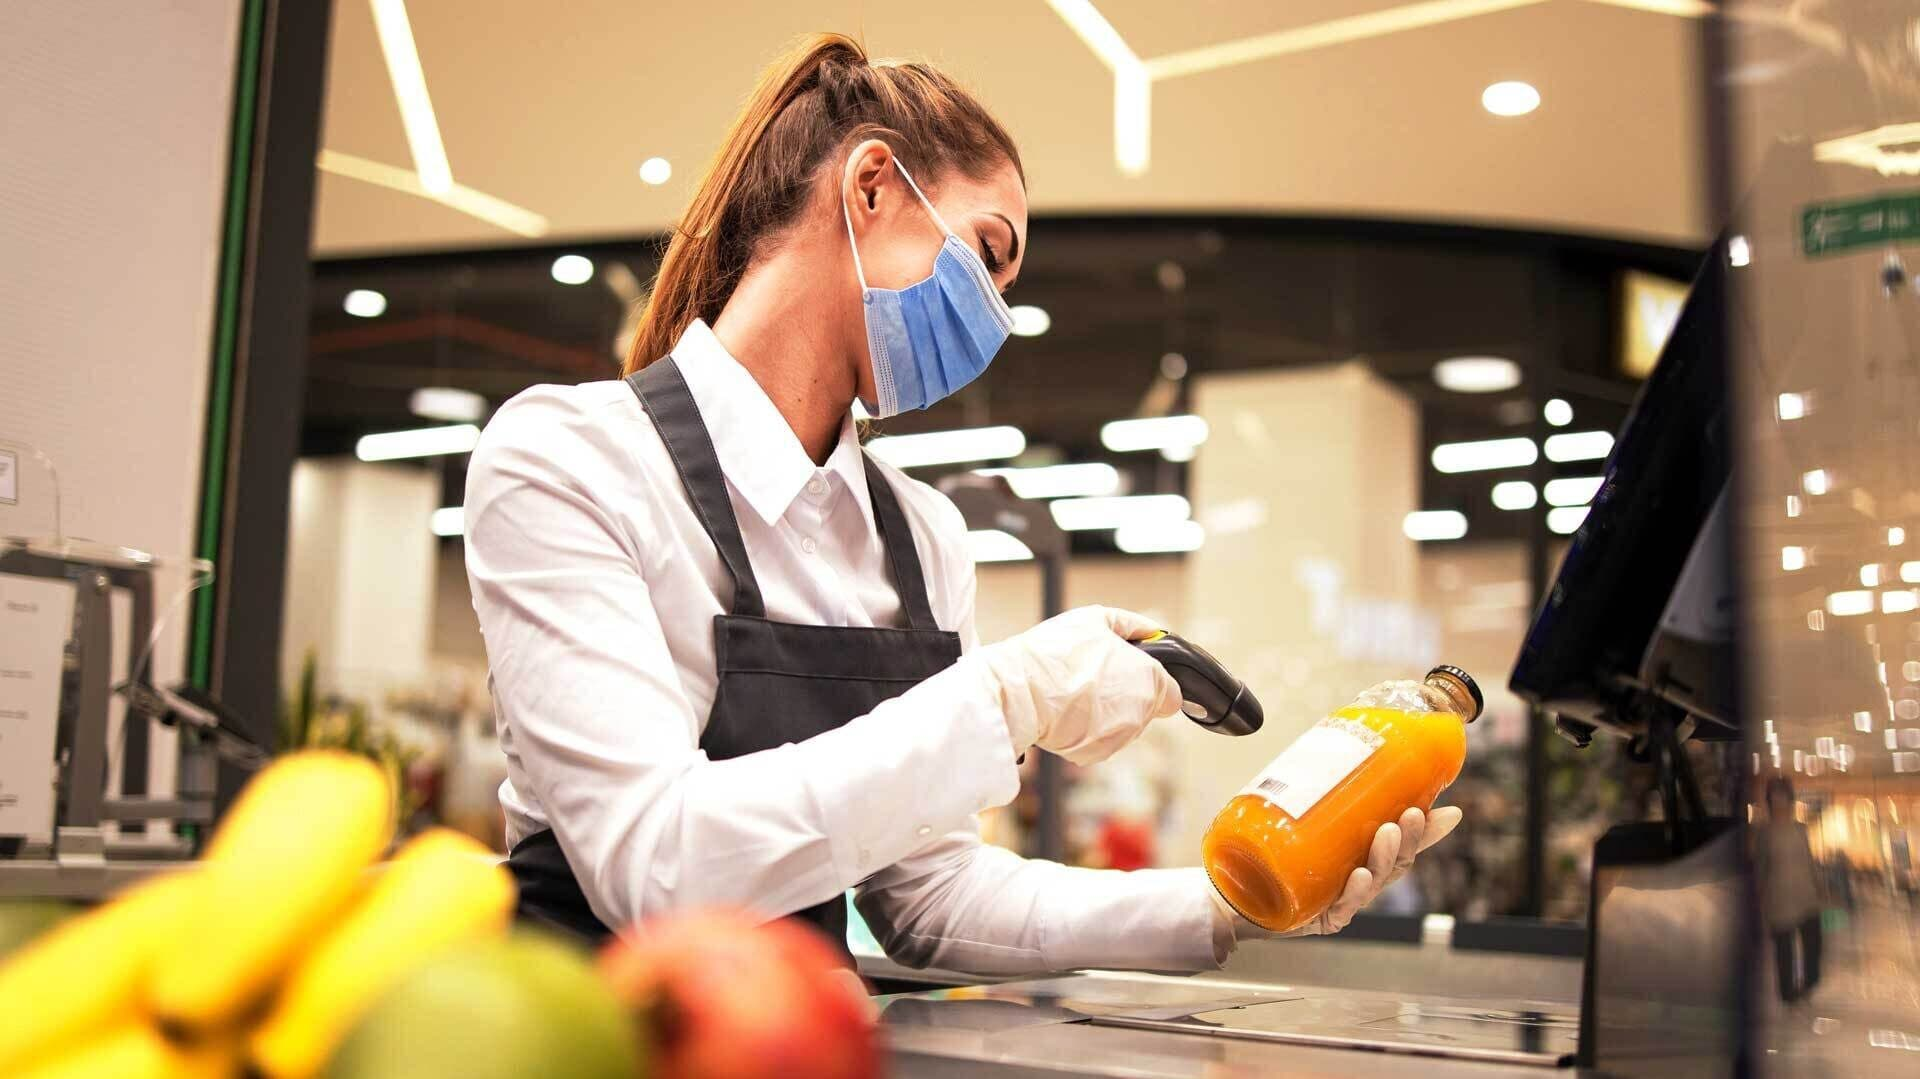 Eine Verkäuferin scannt eine Flasche Saft